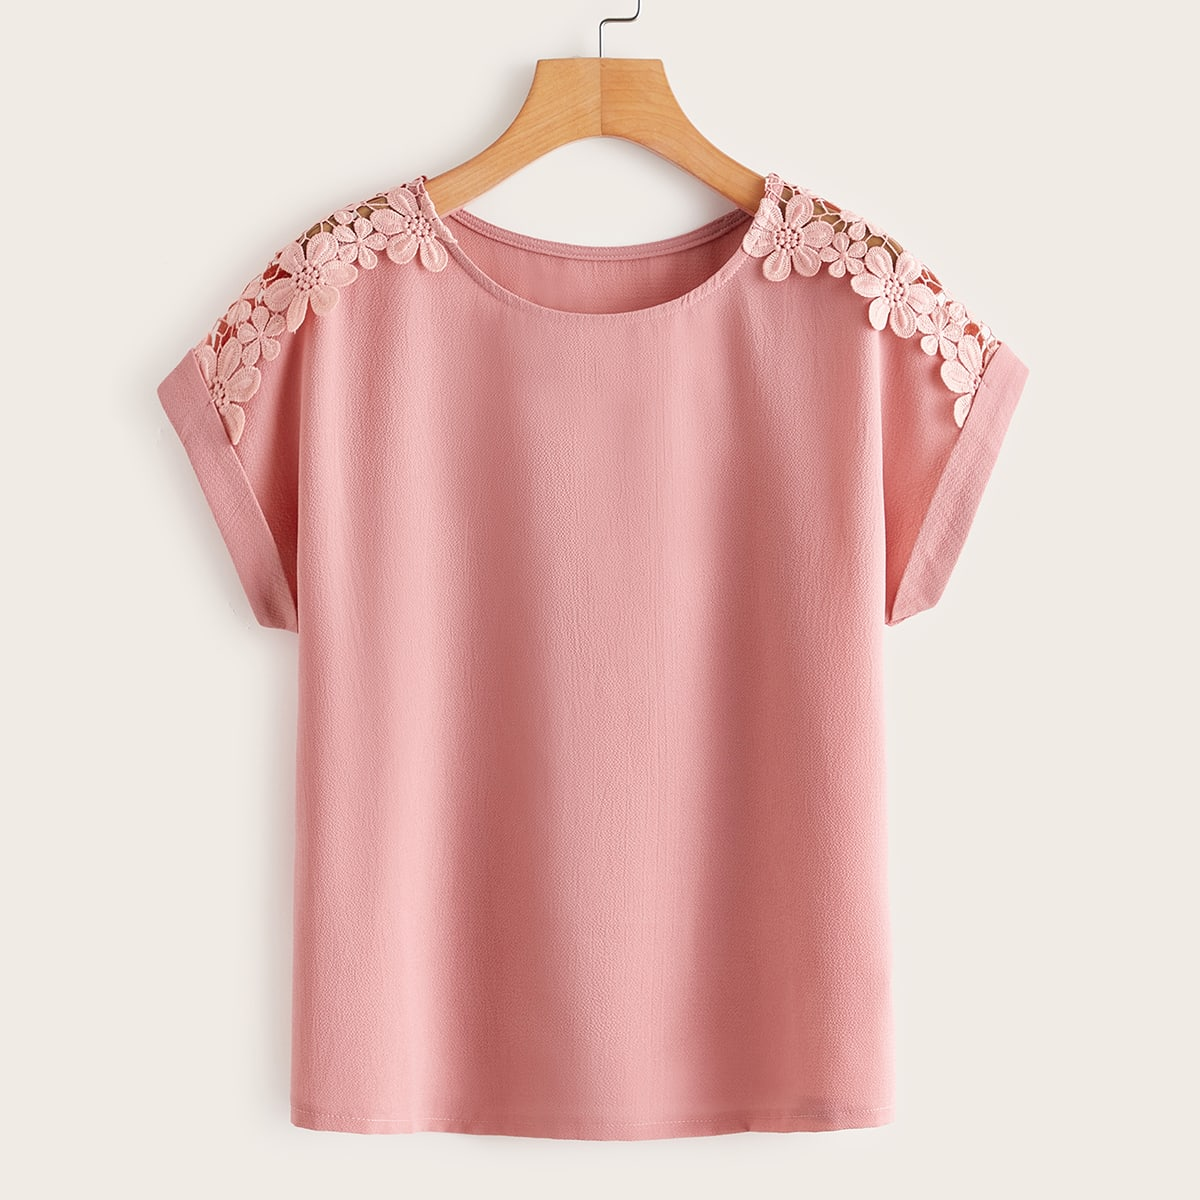 Однотонная блузка с кружевной отделкой